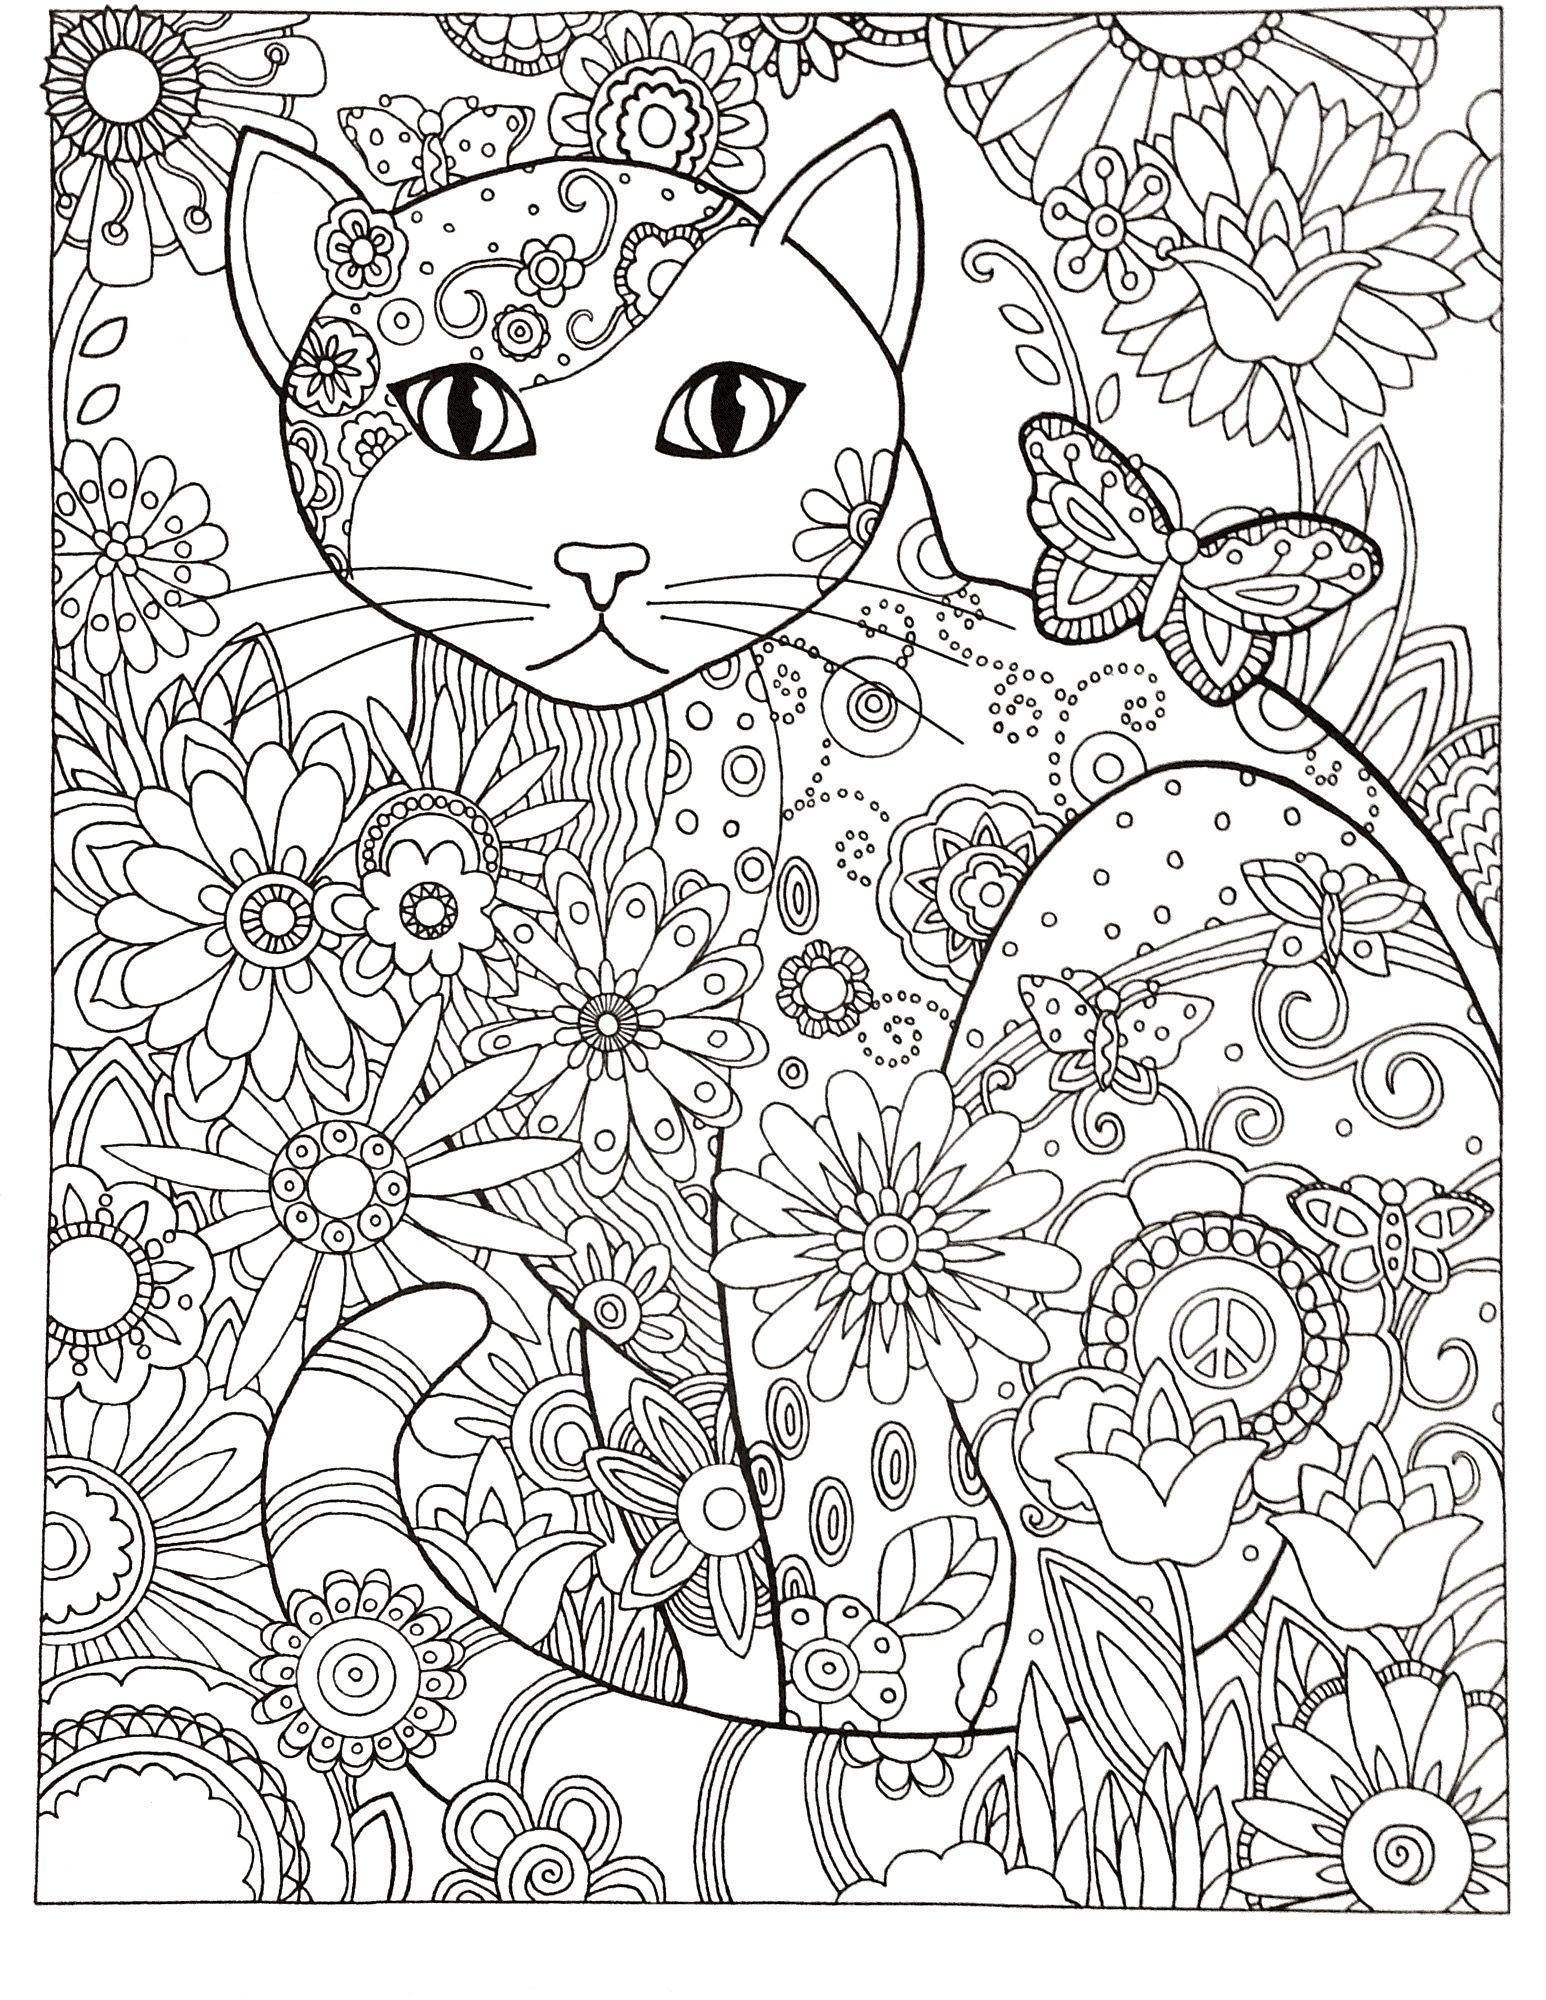 Katzen Ausmalbilder Mandala : Pin Von Michelle Schmidt Auf Coloring Pages Pinterest